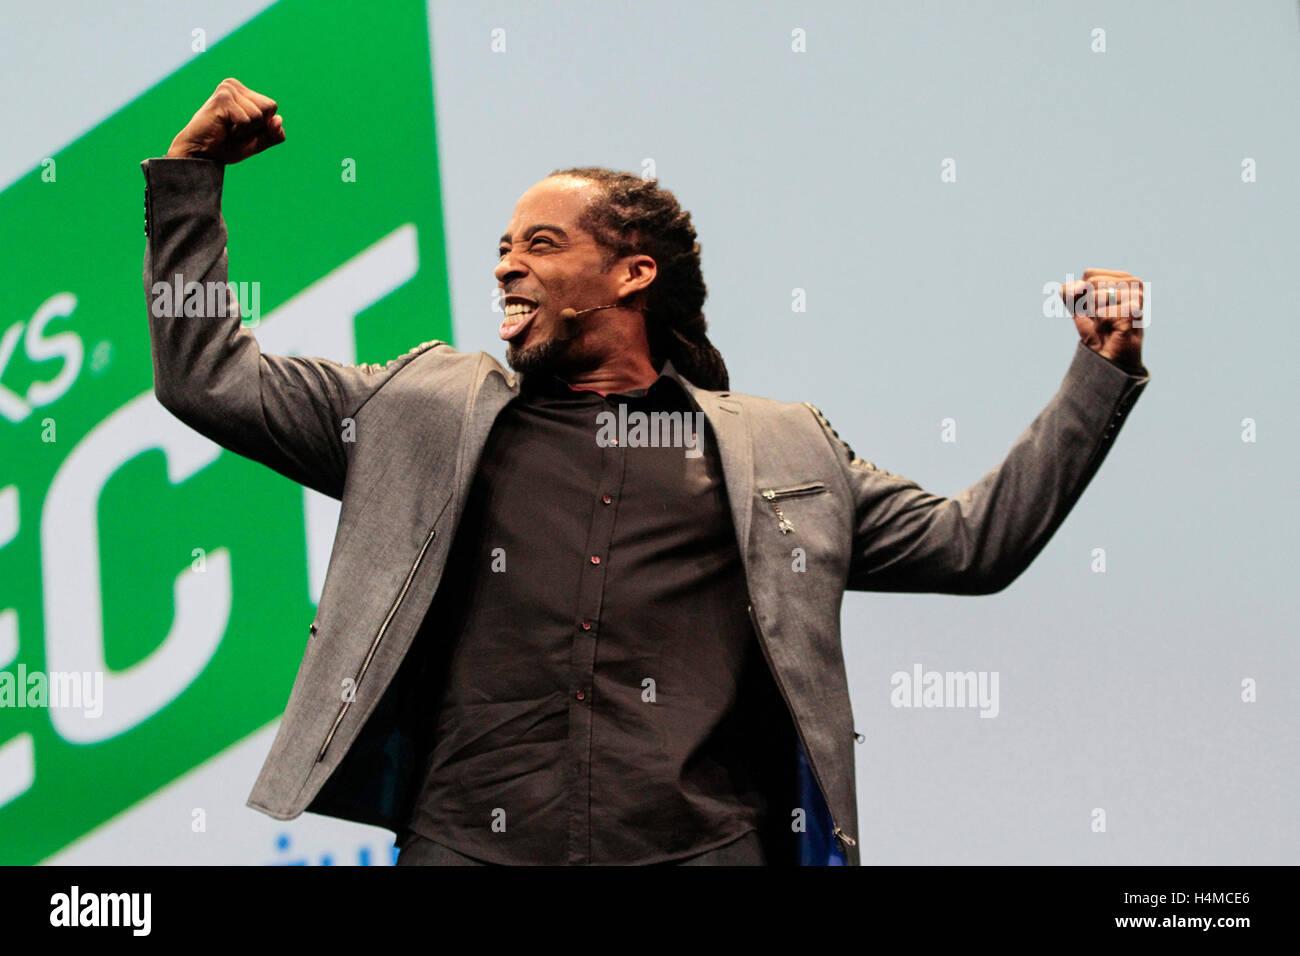 SAN JOSE, CA - 3 Nov: voz poética & empresario Sekou Andrews, habla en la Quickbooks Conectar en el San Jose Convention Foto de stock